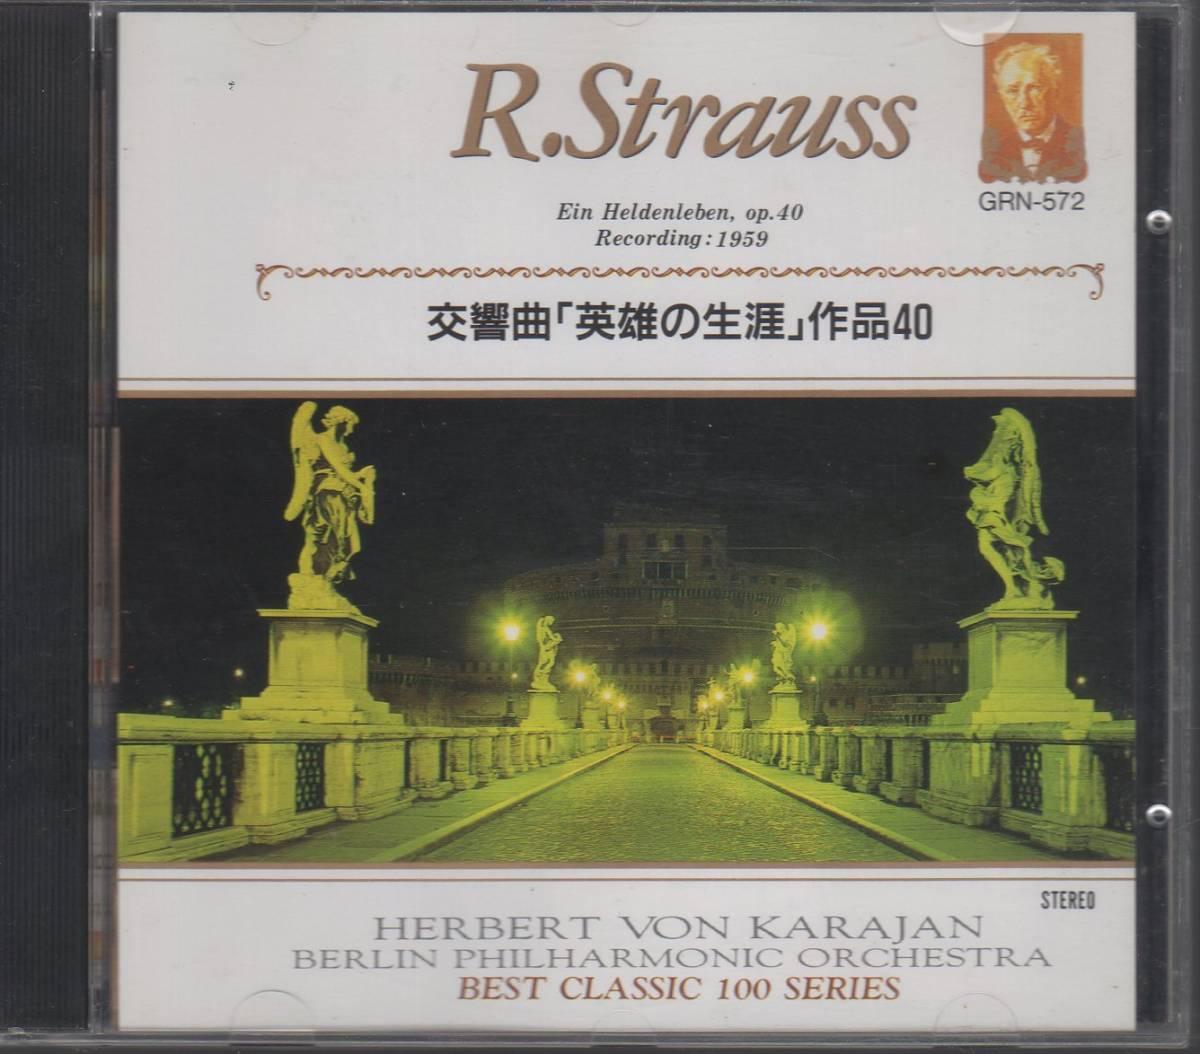 R.シュトラウス:交響詩「英雄の生涯」 作品40/ヘルベルト・フォン・カラヤン/ベルリン・フィルハーモニー管弦楽団_画像1